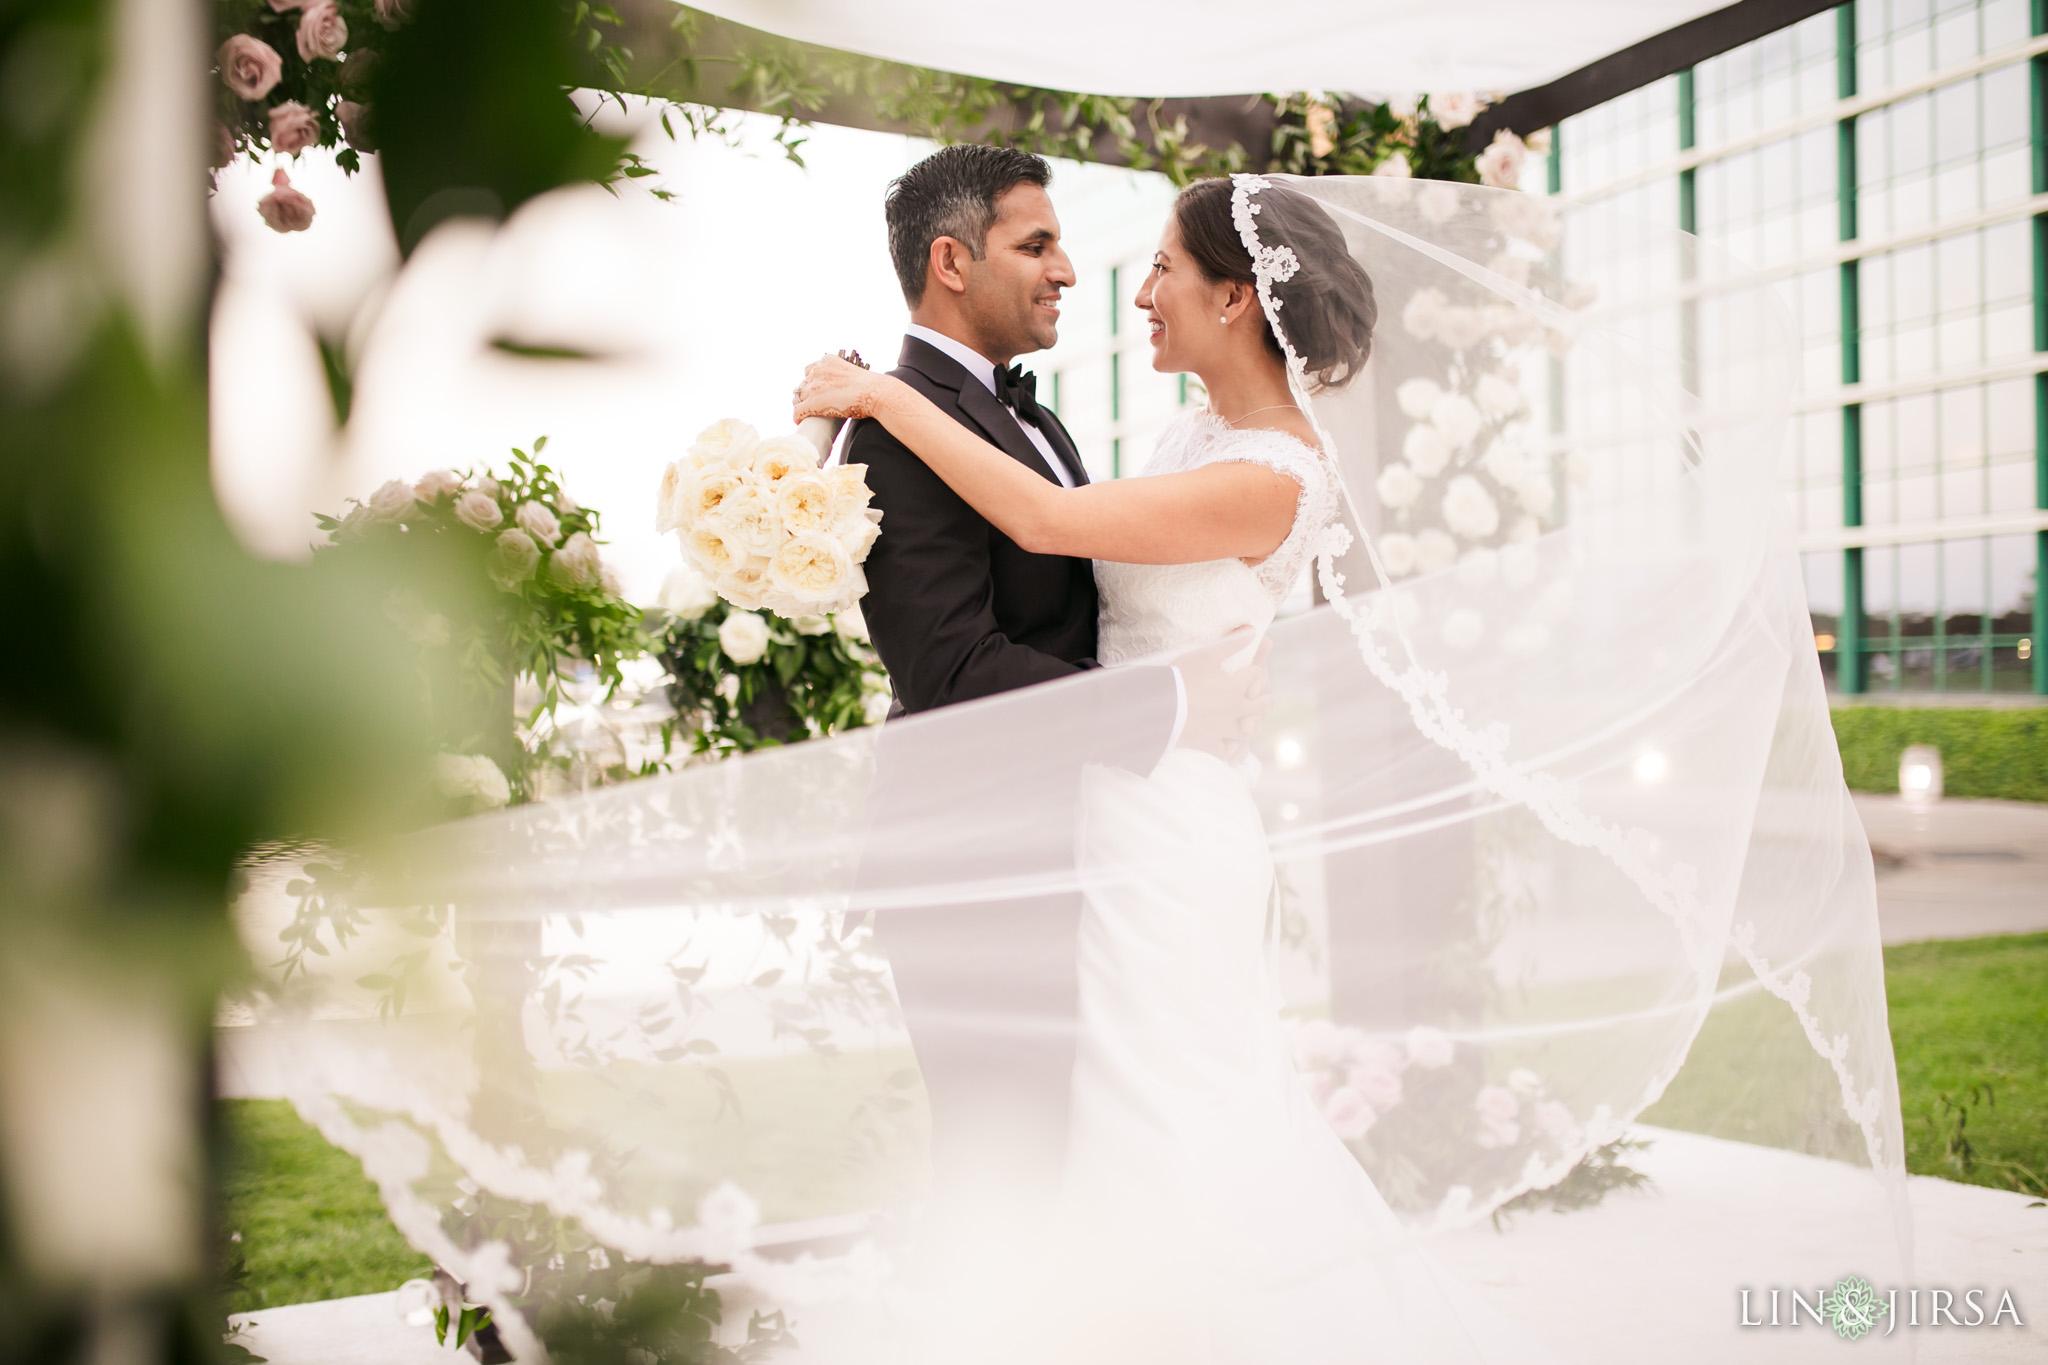 33 Hyatt Long Beach Indian Wedding Photography